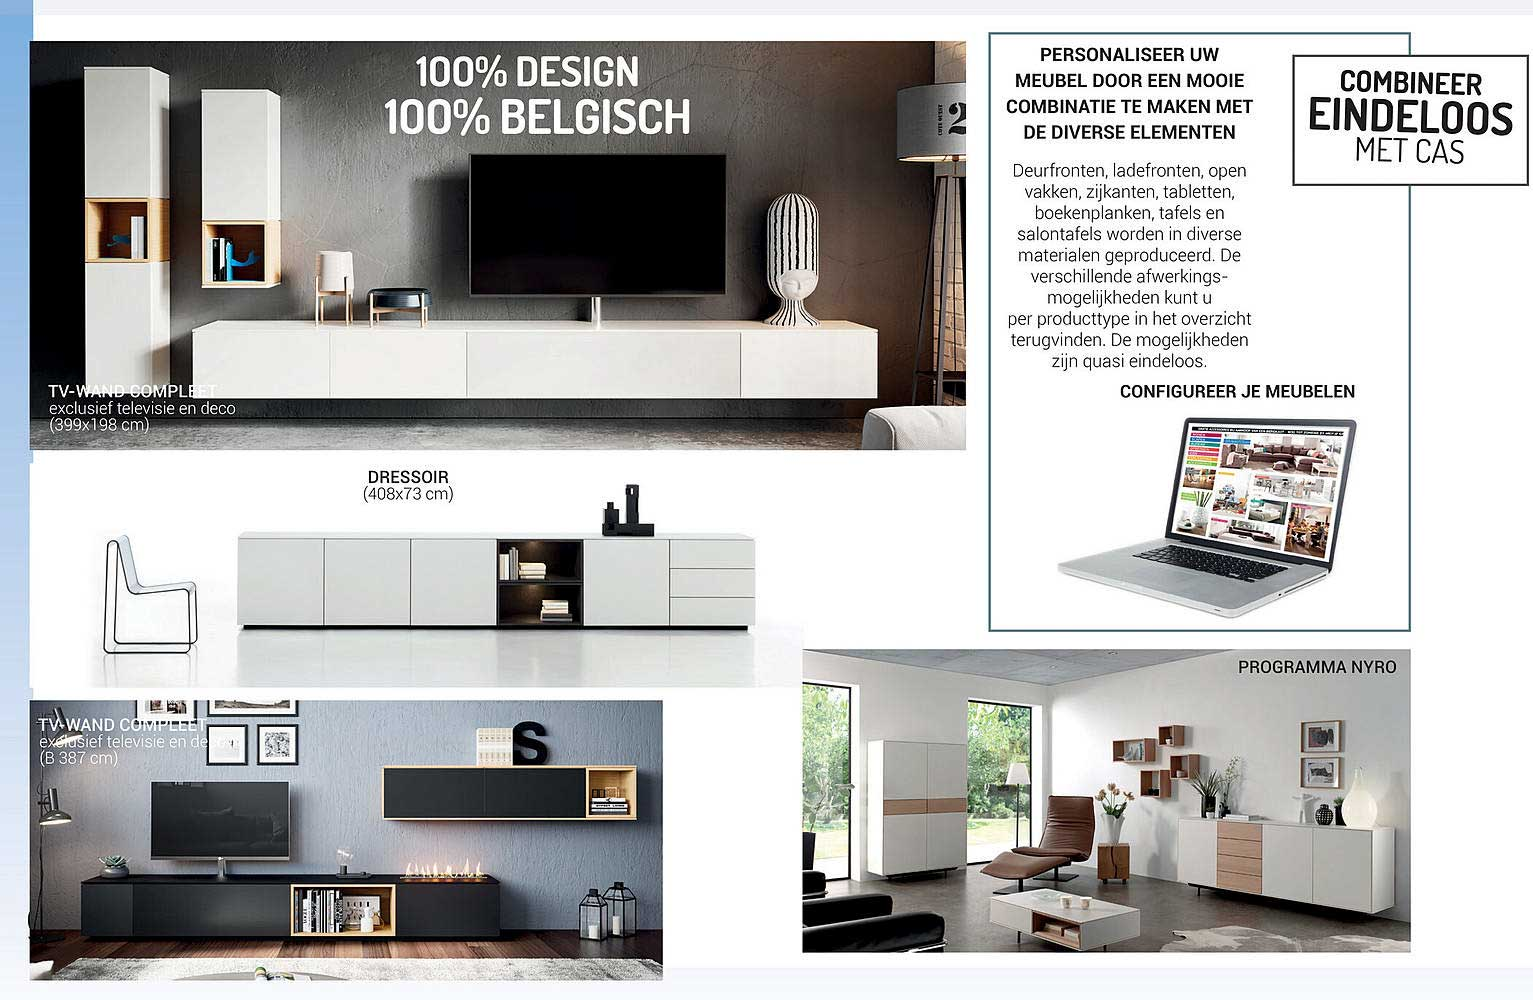 Meubelen Jonckheere Dressoir, Tv Wand Compleet,